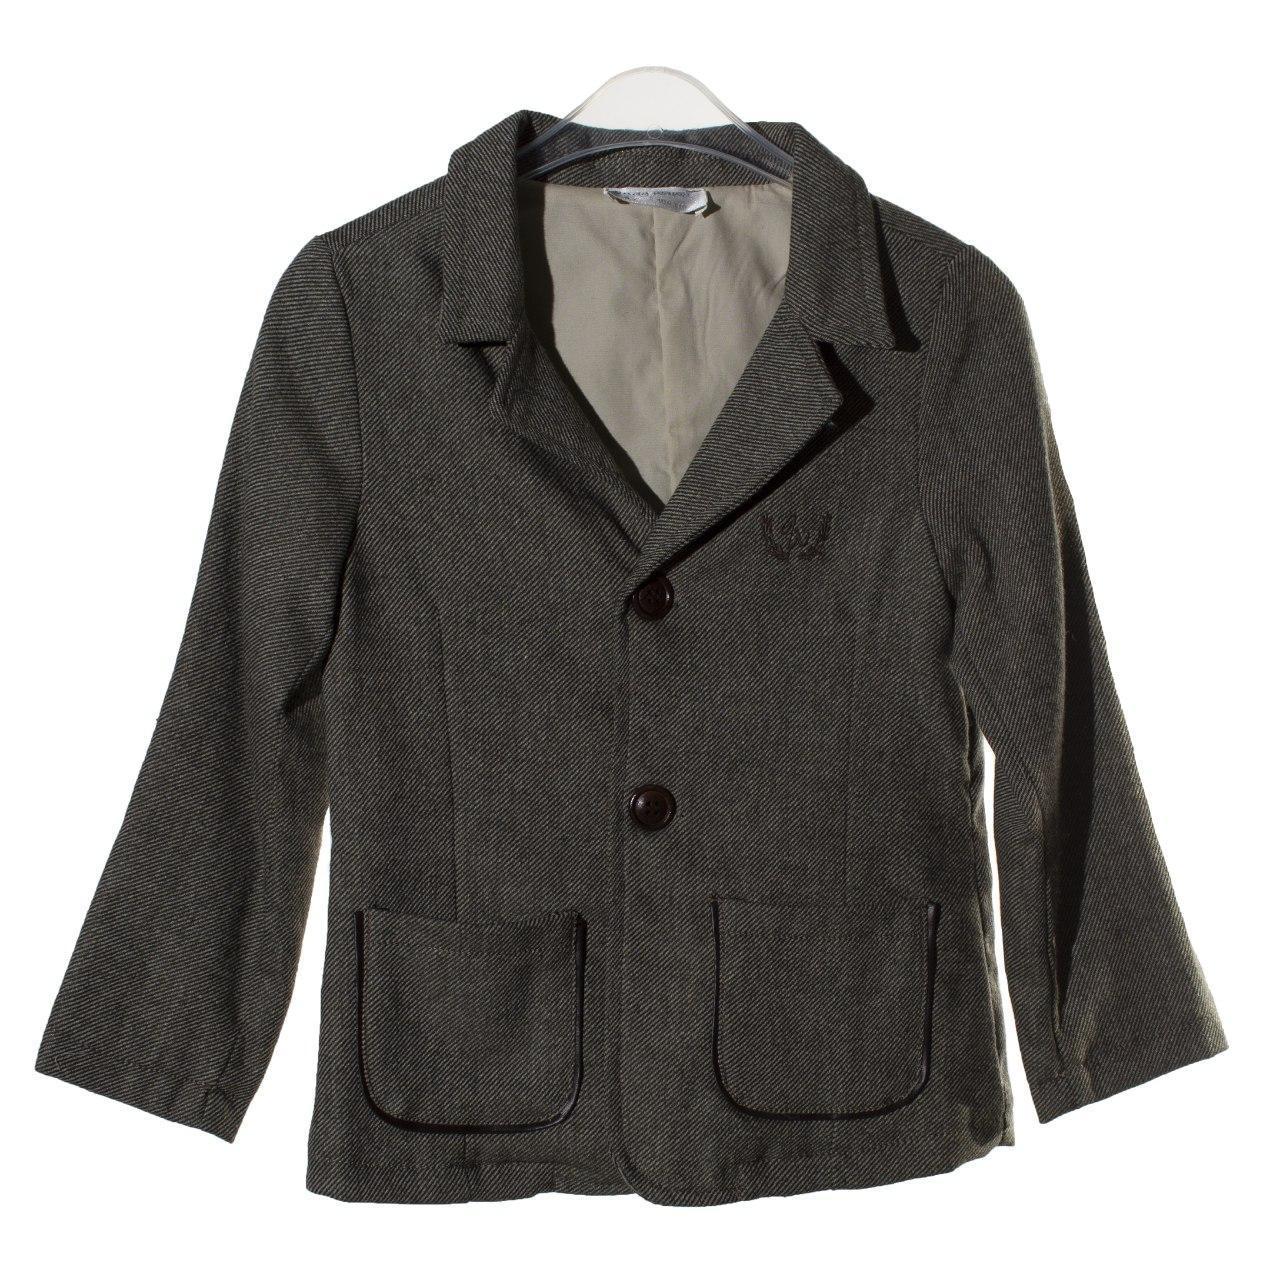 Утепленный пиджак с шерстью  для мальчика, размеры 3 года, 4, 5, 6, 7, 8 лет